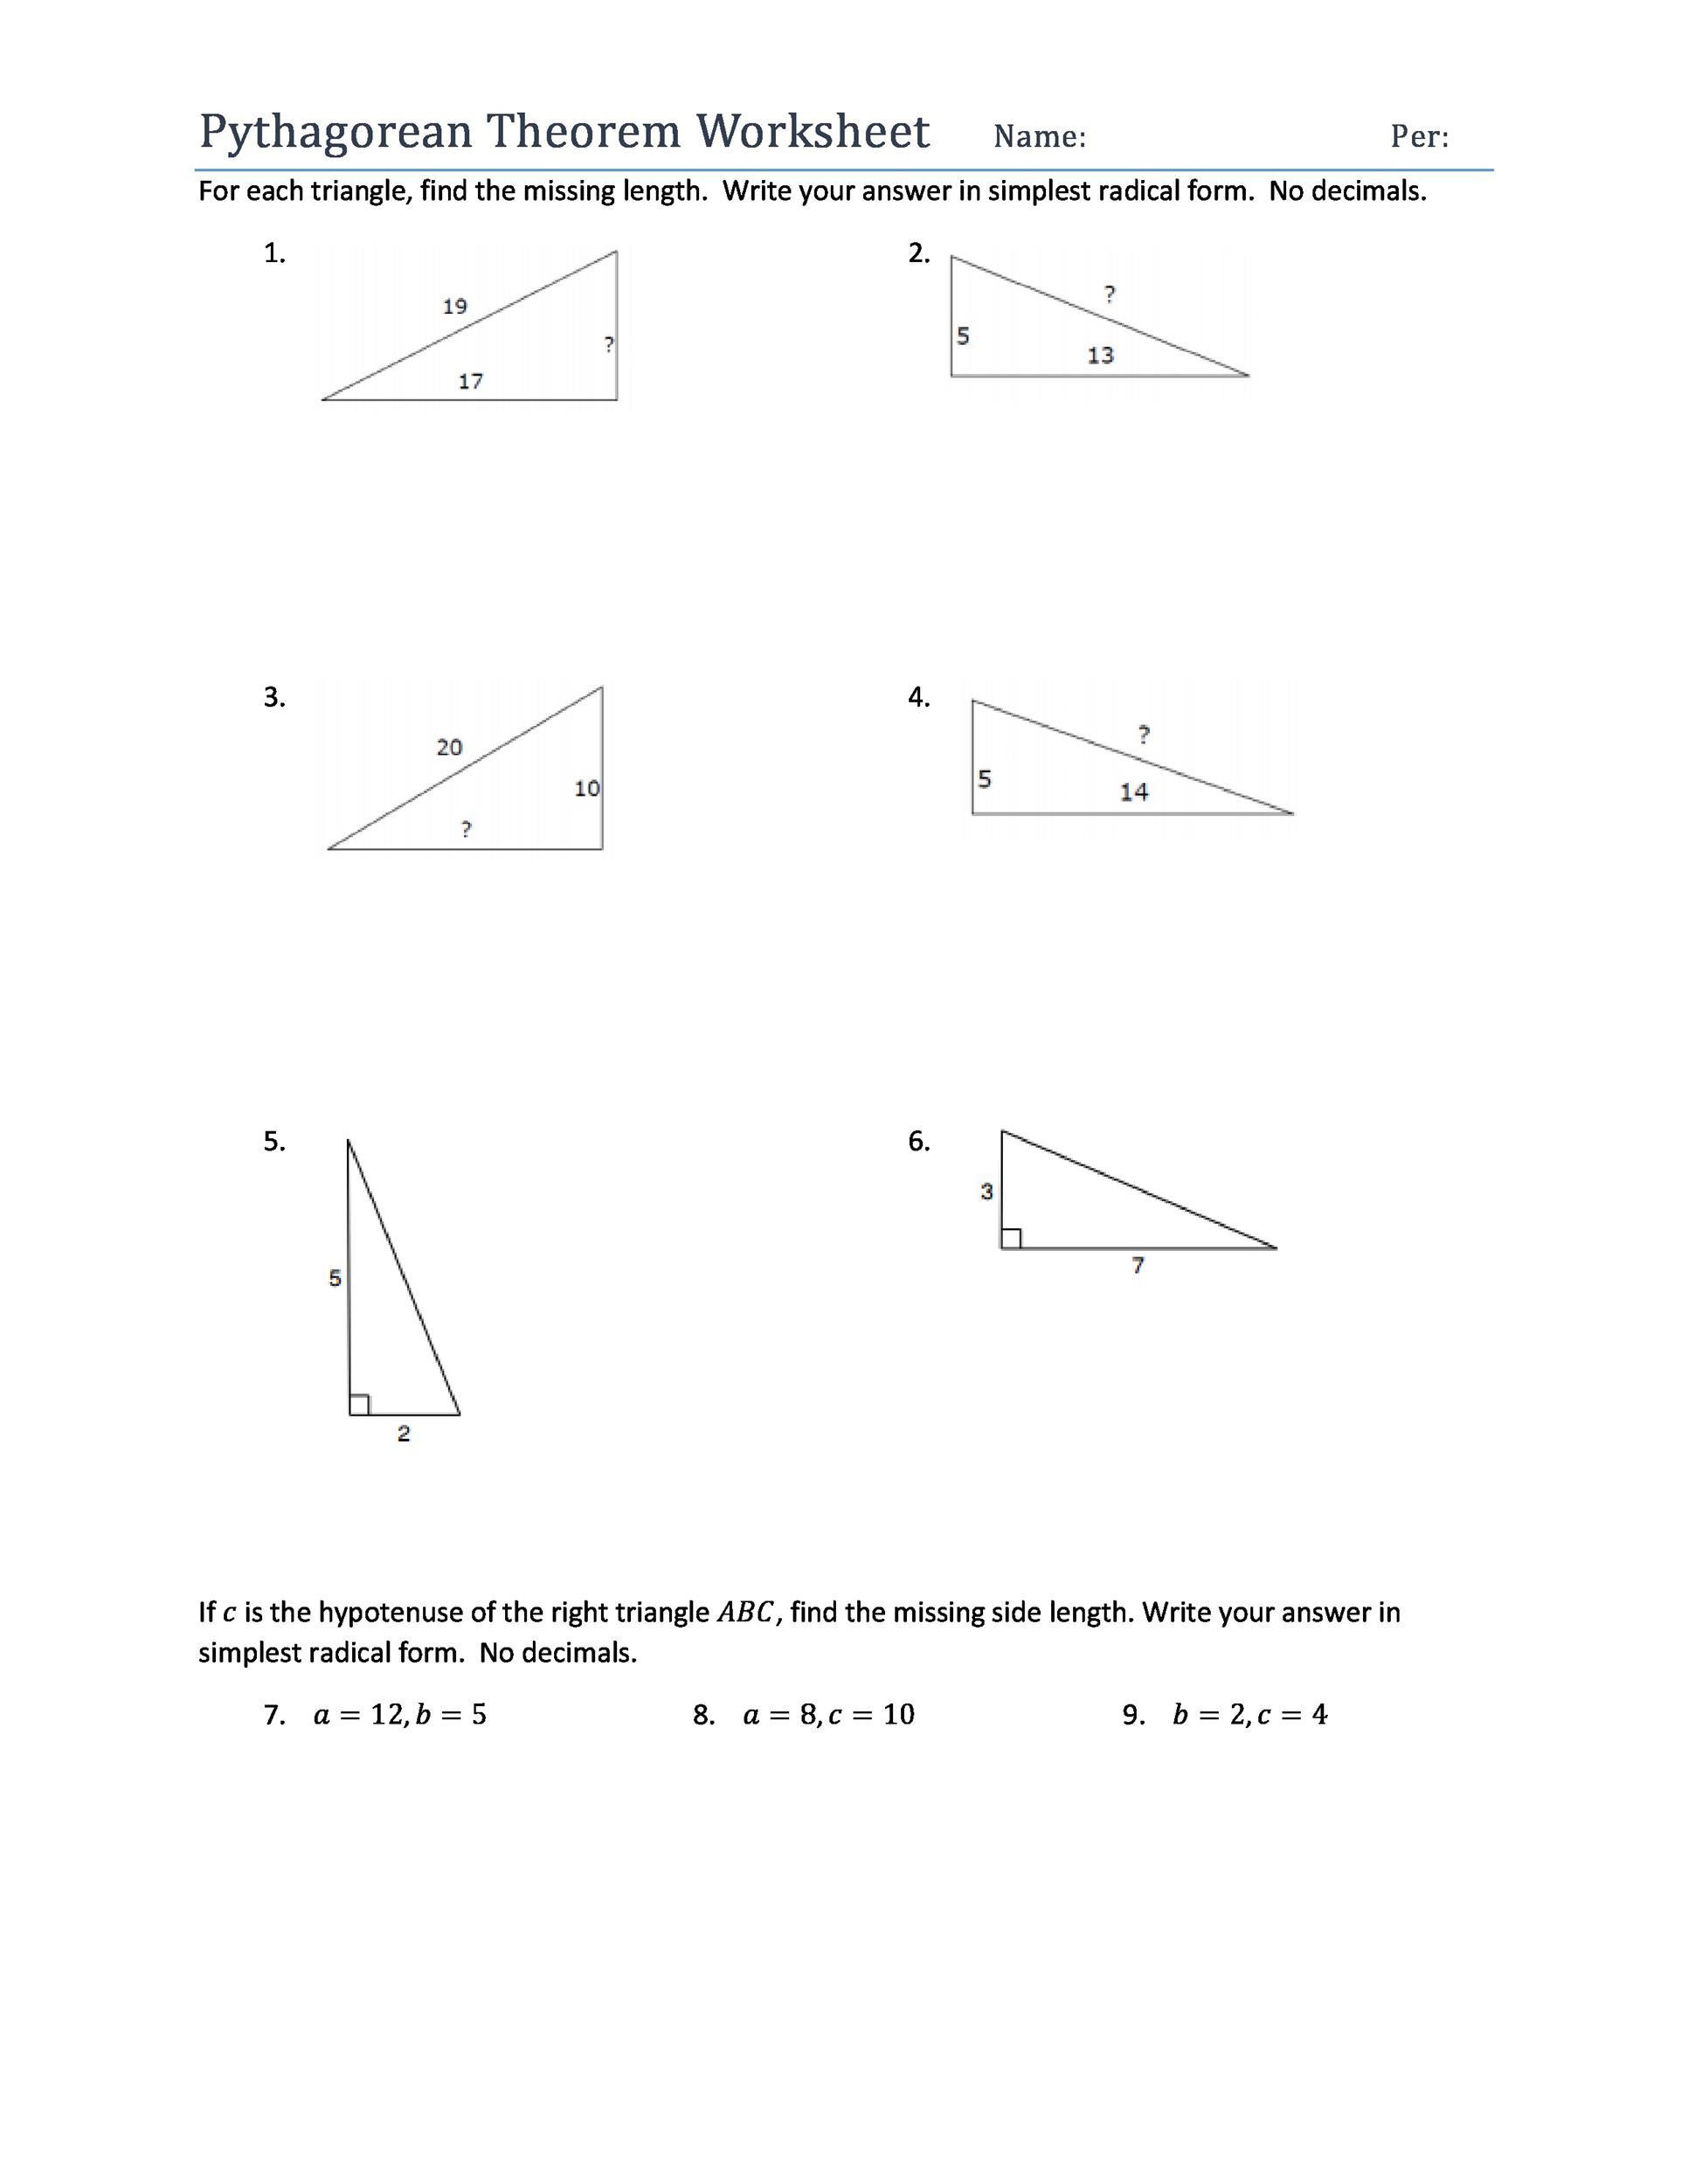 30 Pythagorean Theorem Worksheet Answers